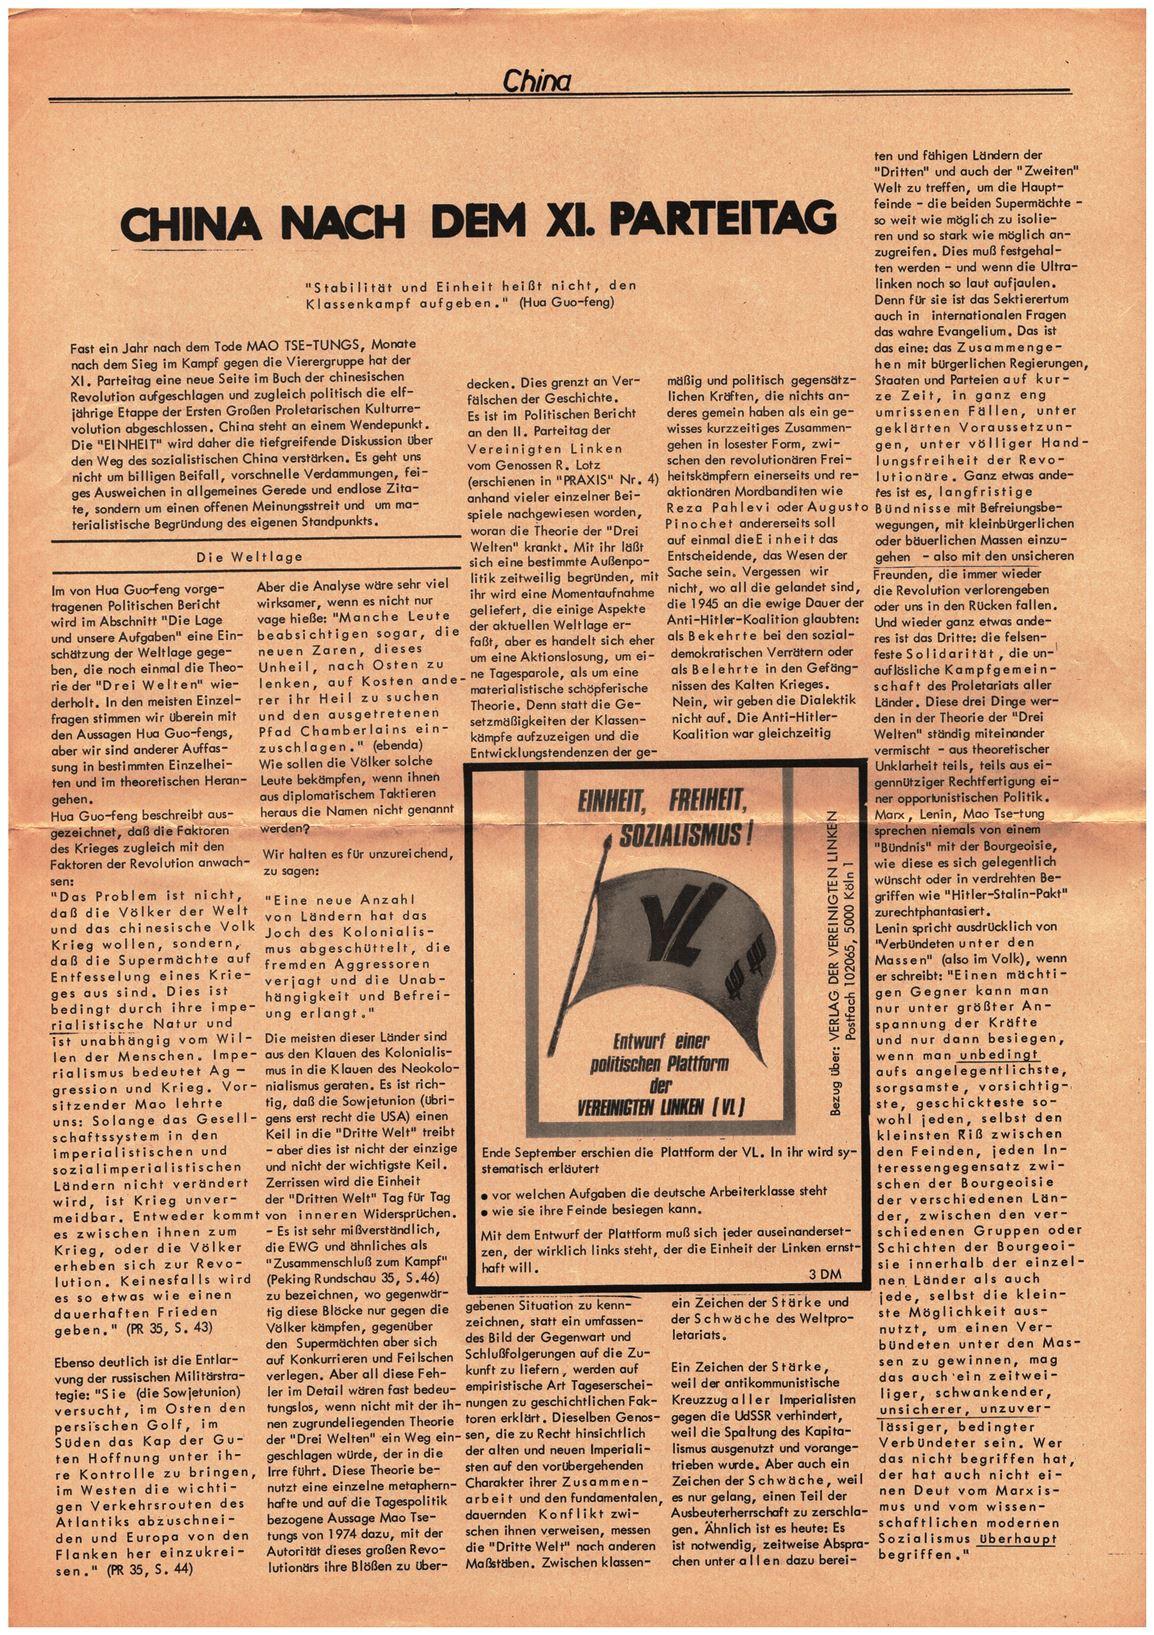 Koeln_IPdA_Einheit_1977_019_019